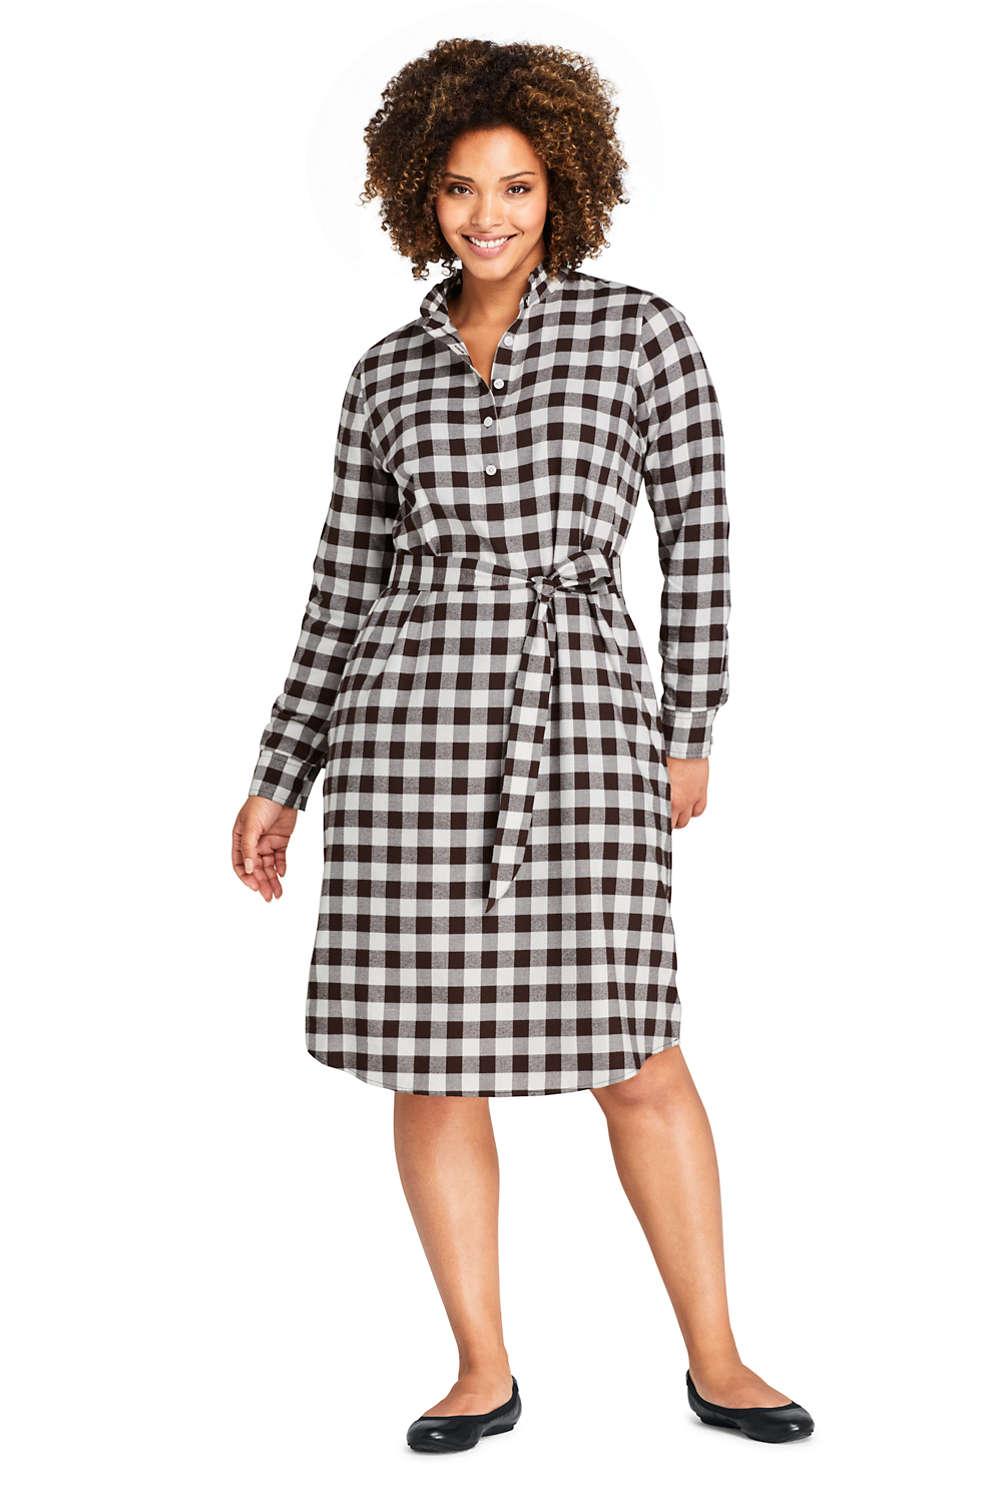 Women\'s Plus Size Long Sleeve Woven Print Ruffle Collar Shift Dress